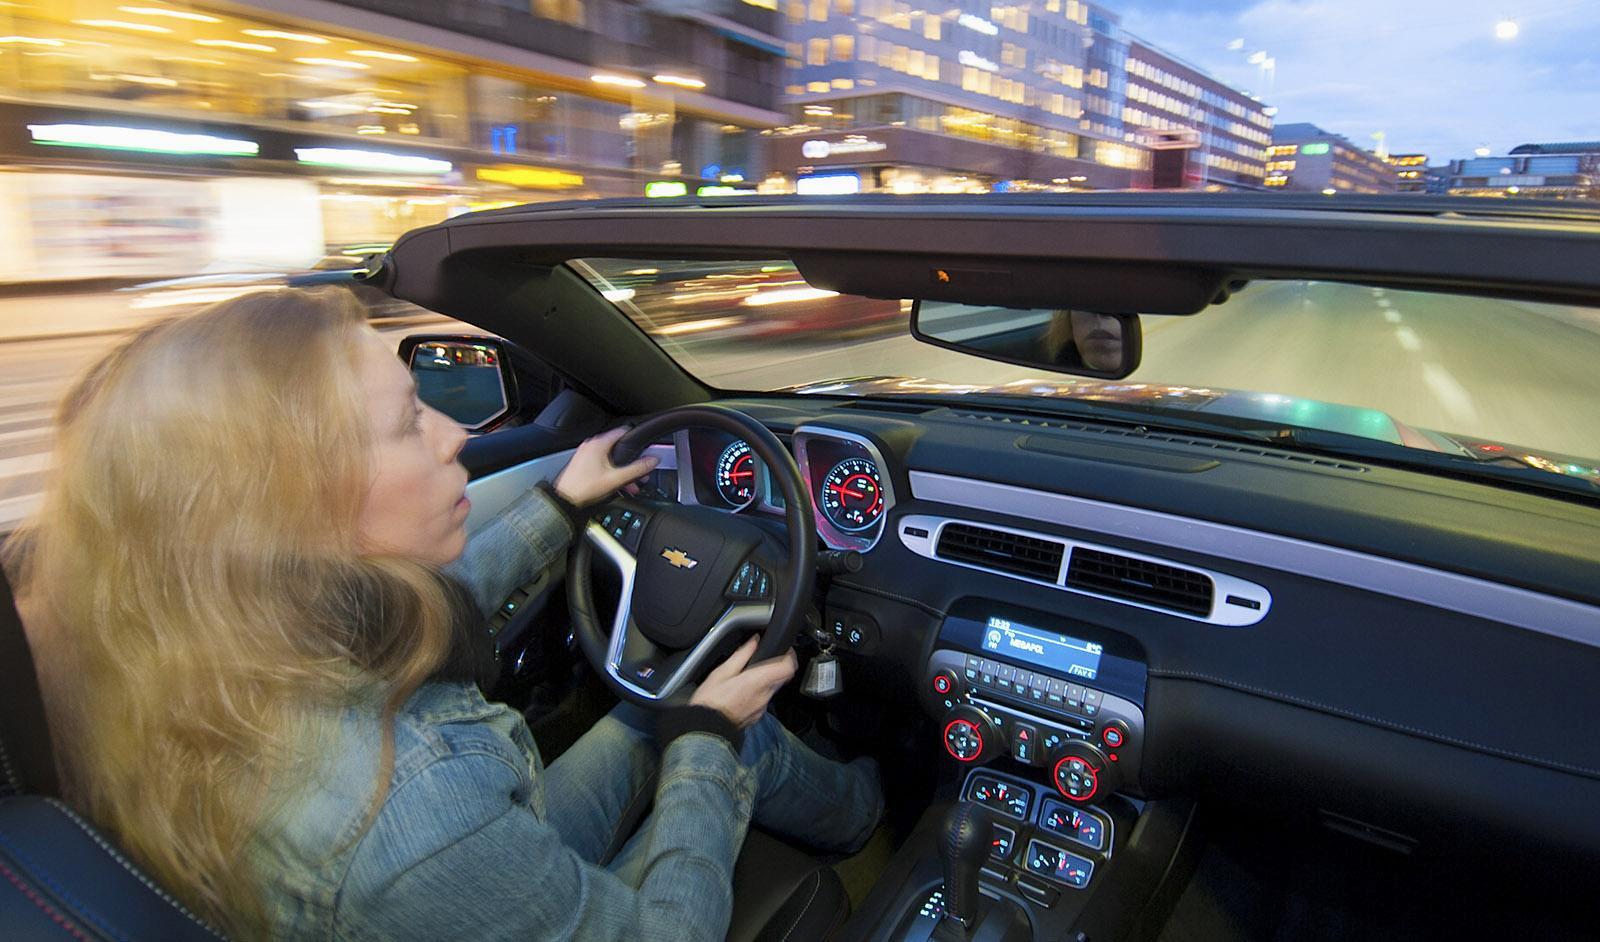 Bilhandlare riskerar boter